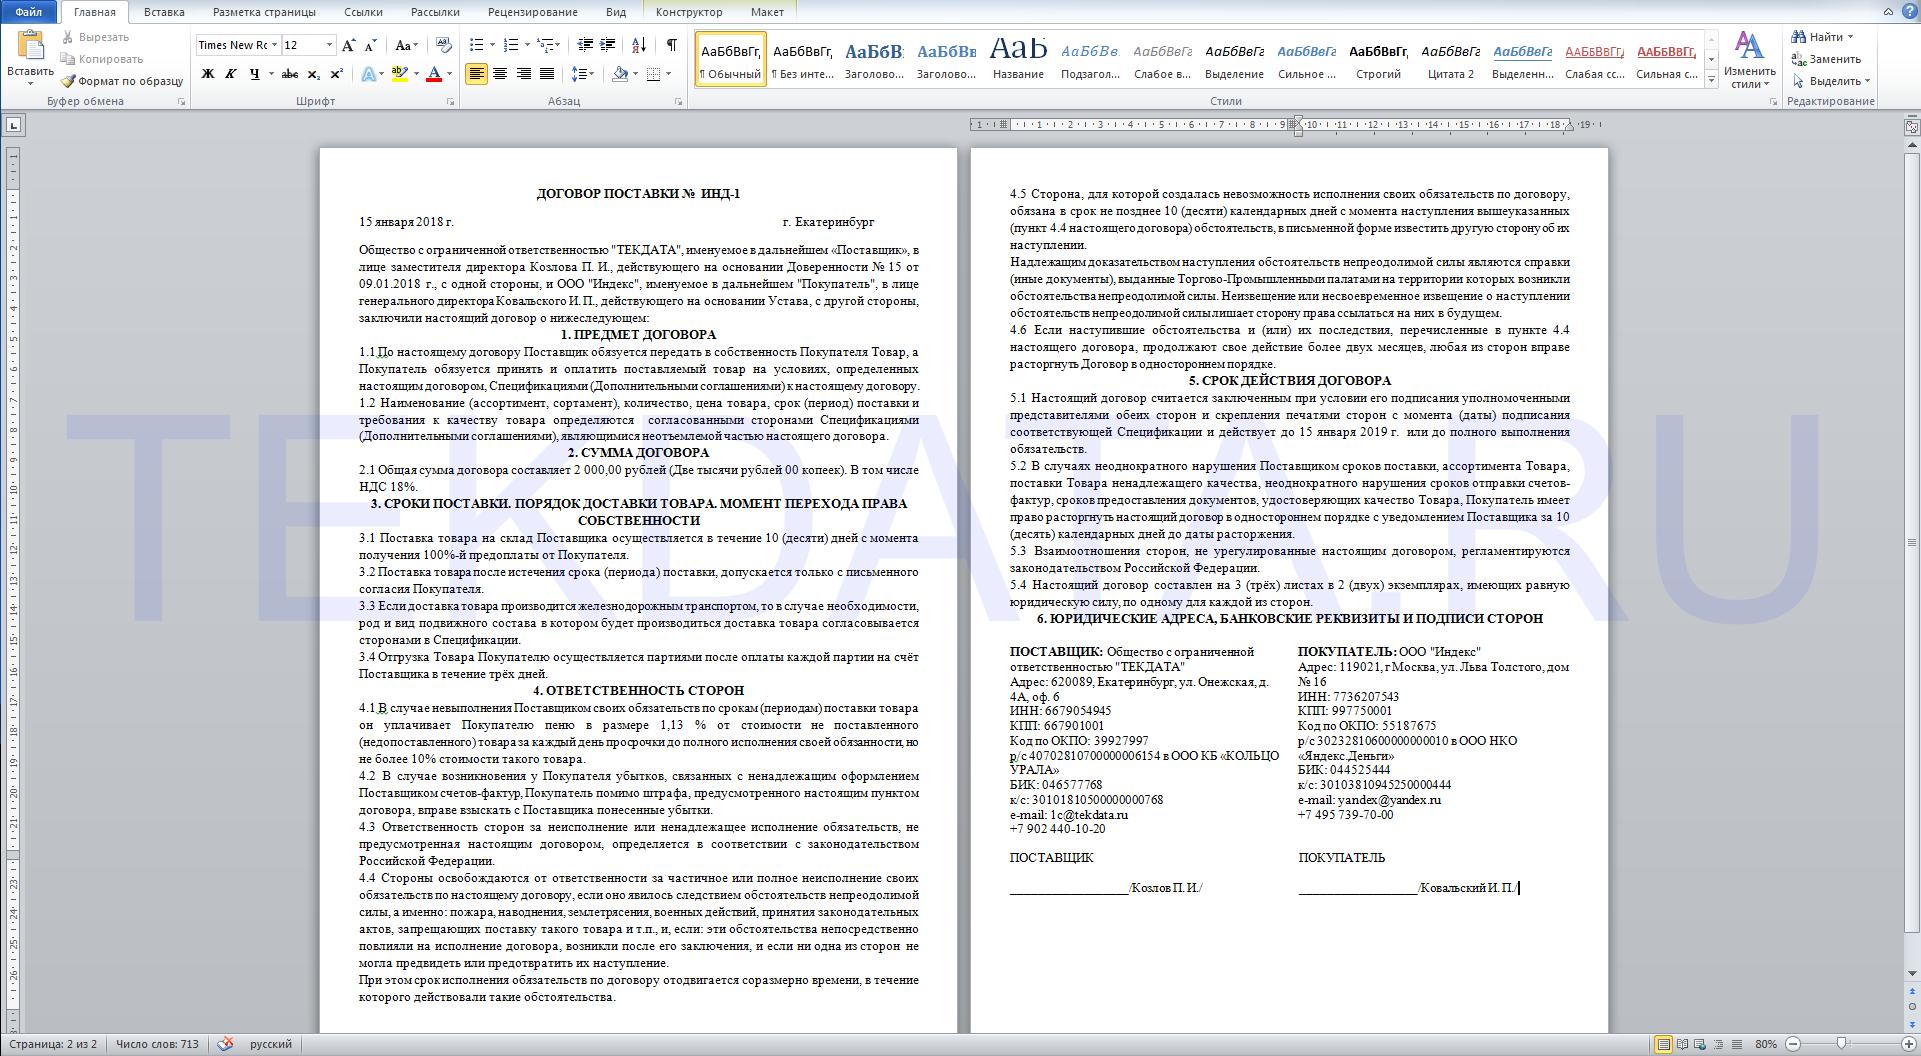 Универсальная печатная форма договора в формате Word с выводом доп. реквизитов для 1С:УТ 11.4